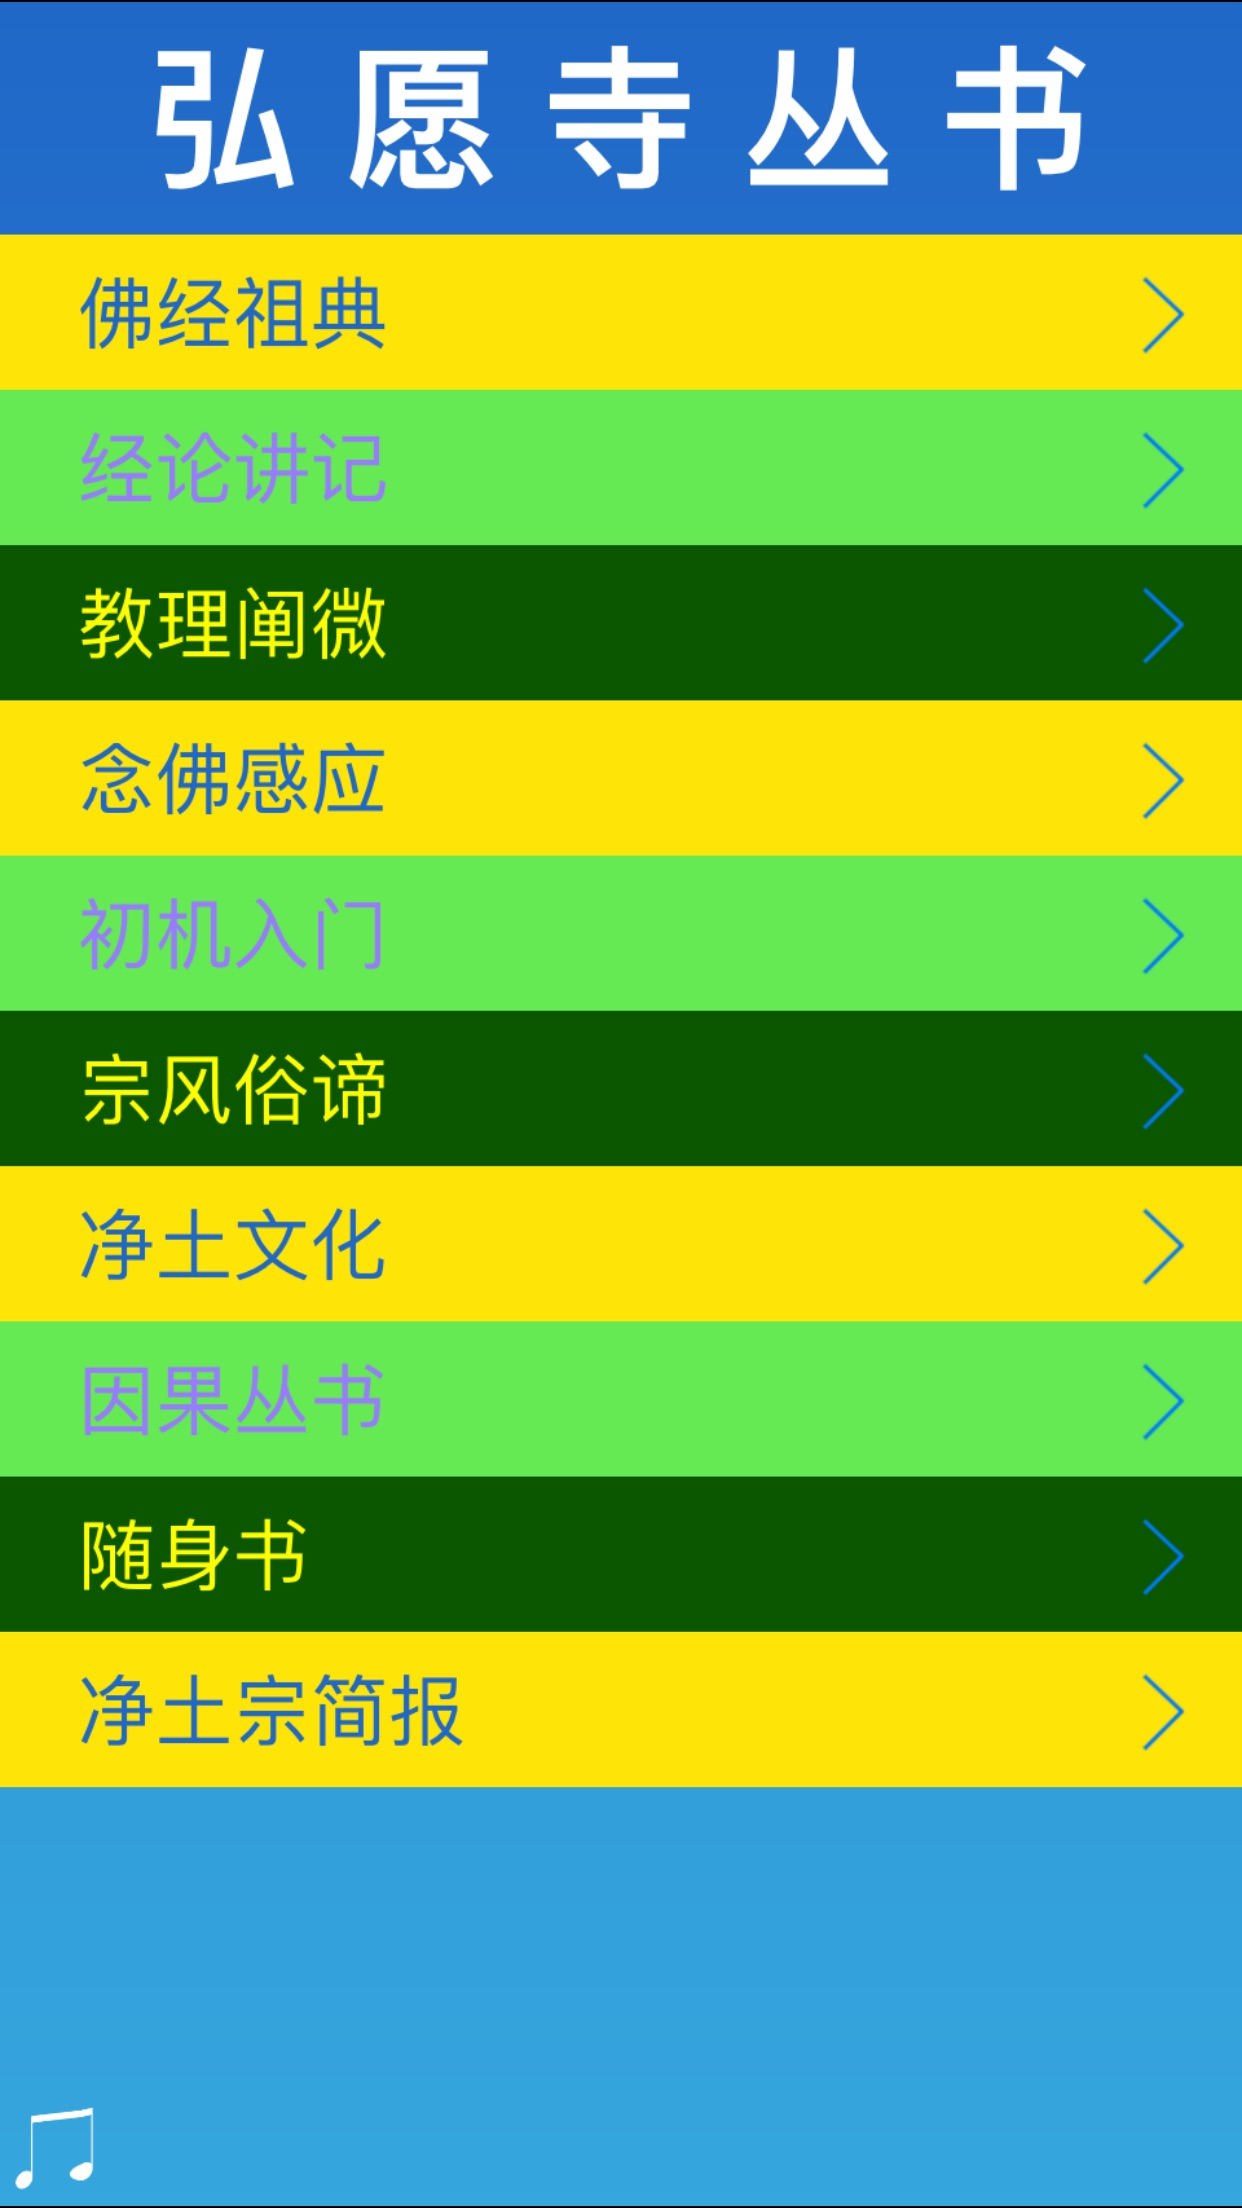 弘愿寺丛书 - 南无阿弥陀佛 Screenshot